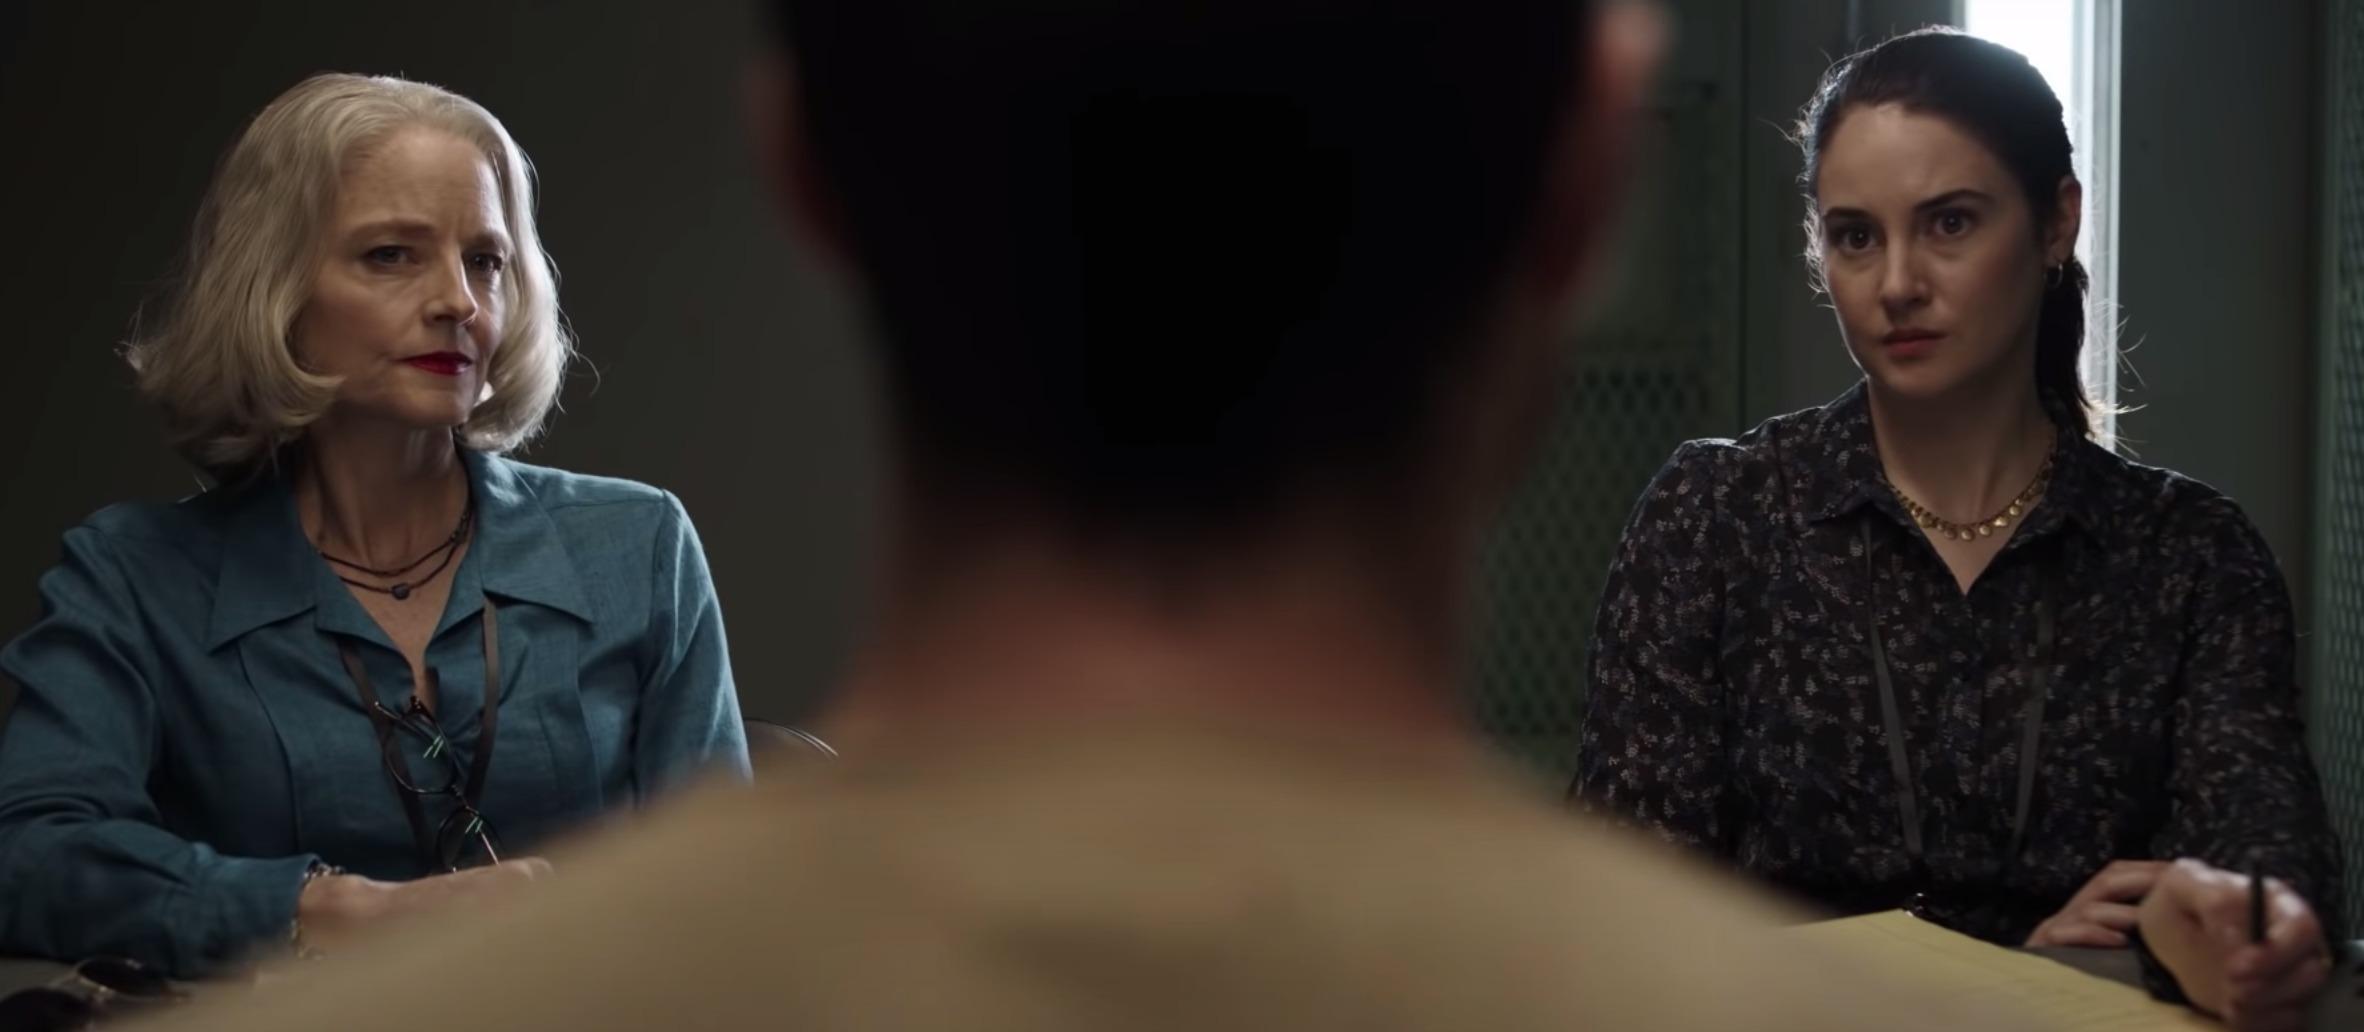 O Mauritano: Jodie Foster e Tahar Rahim são o melhor num filme que nunca  vai além do óbvio - C7nema